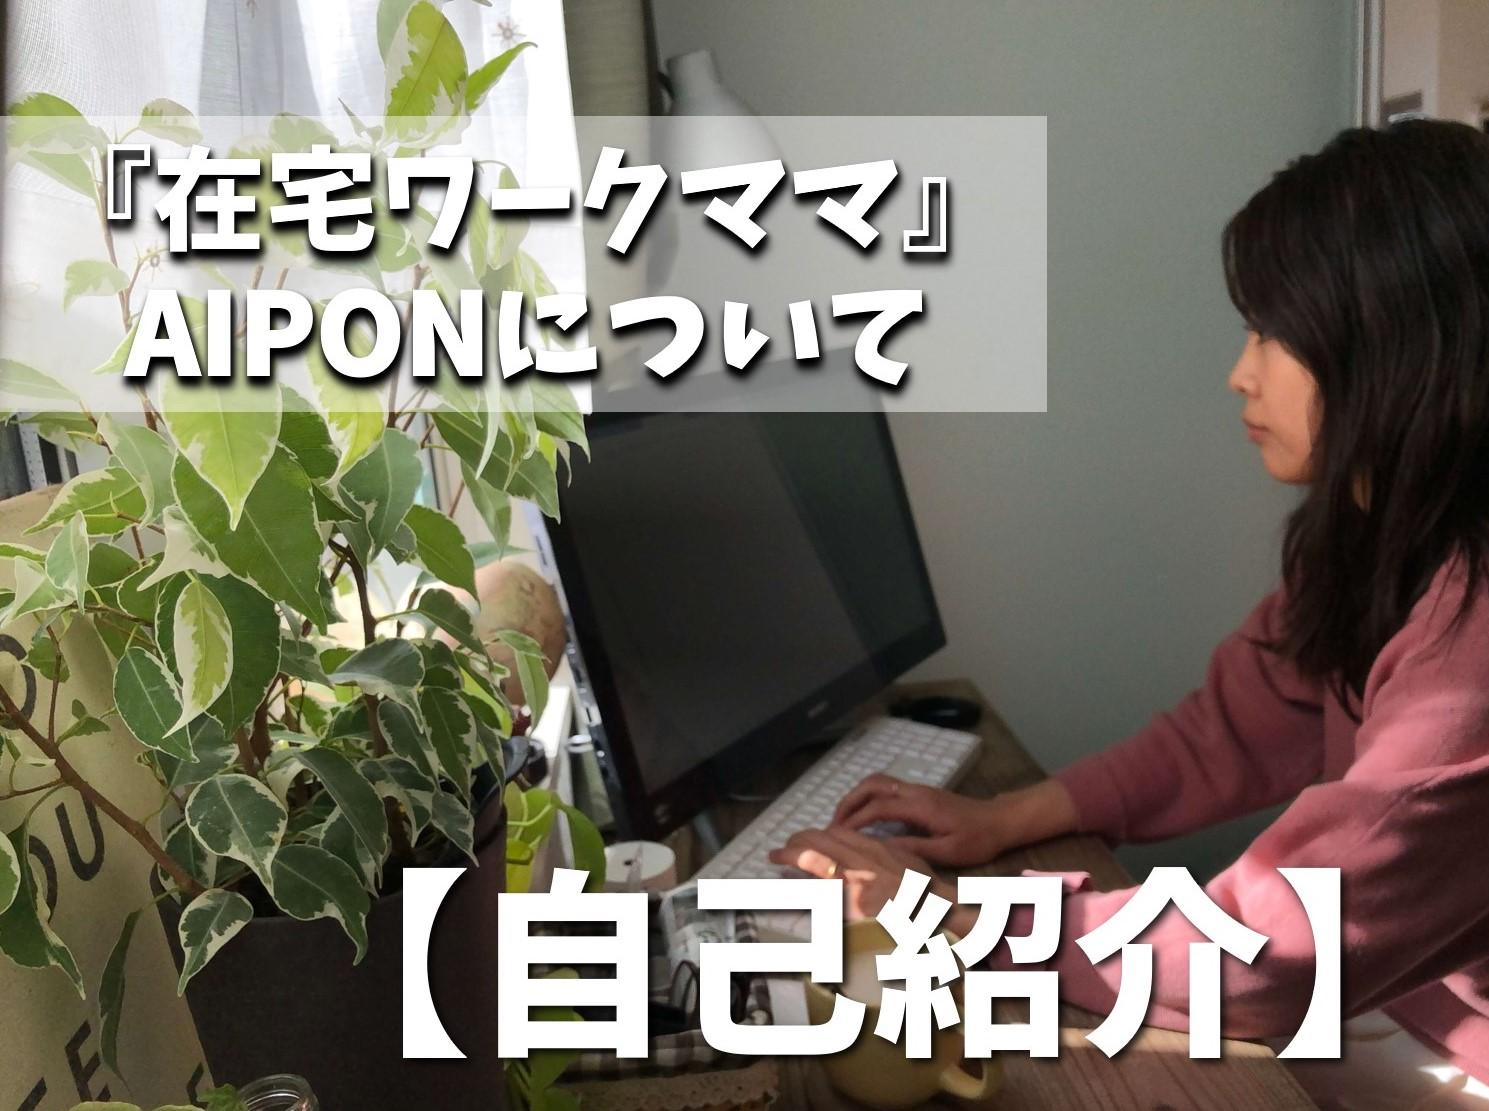 福岡の在宅ワークママAIPONについて自己紹介